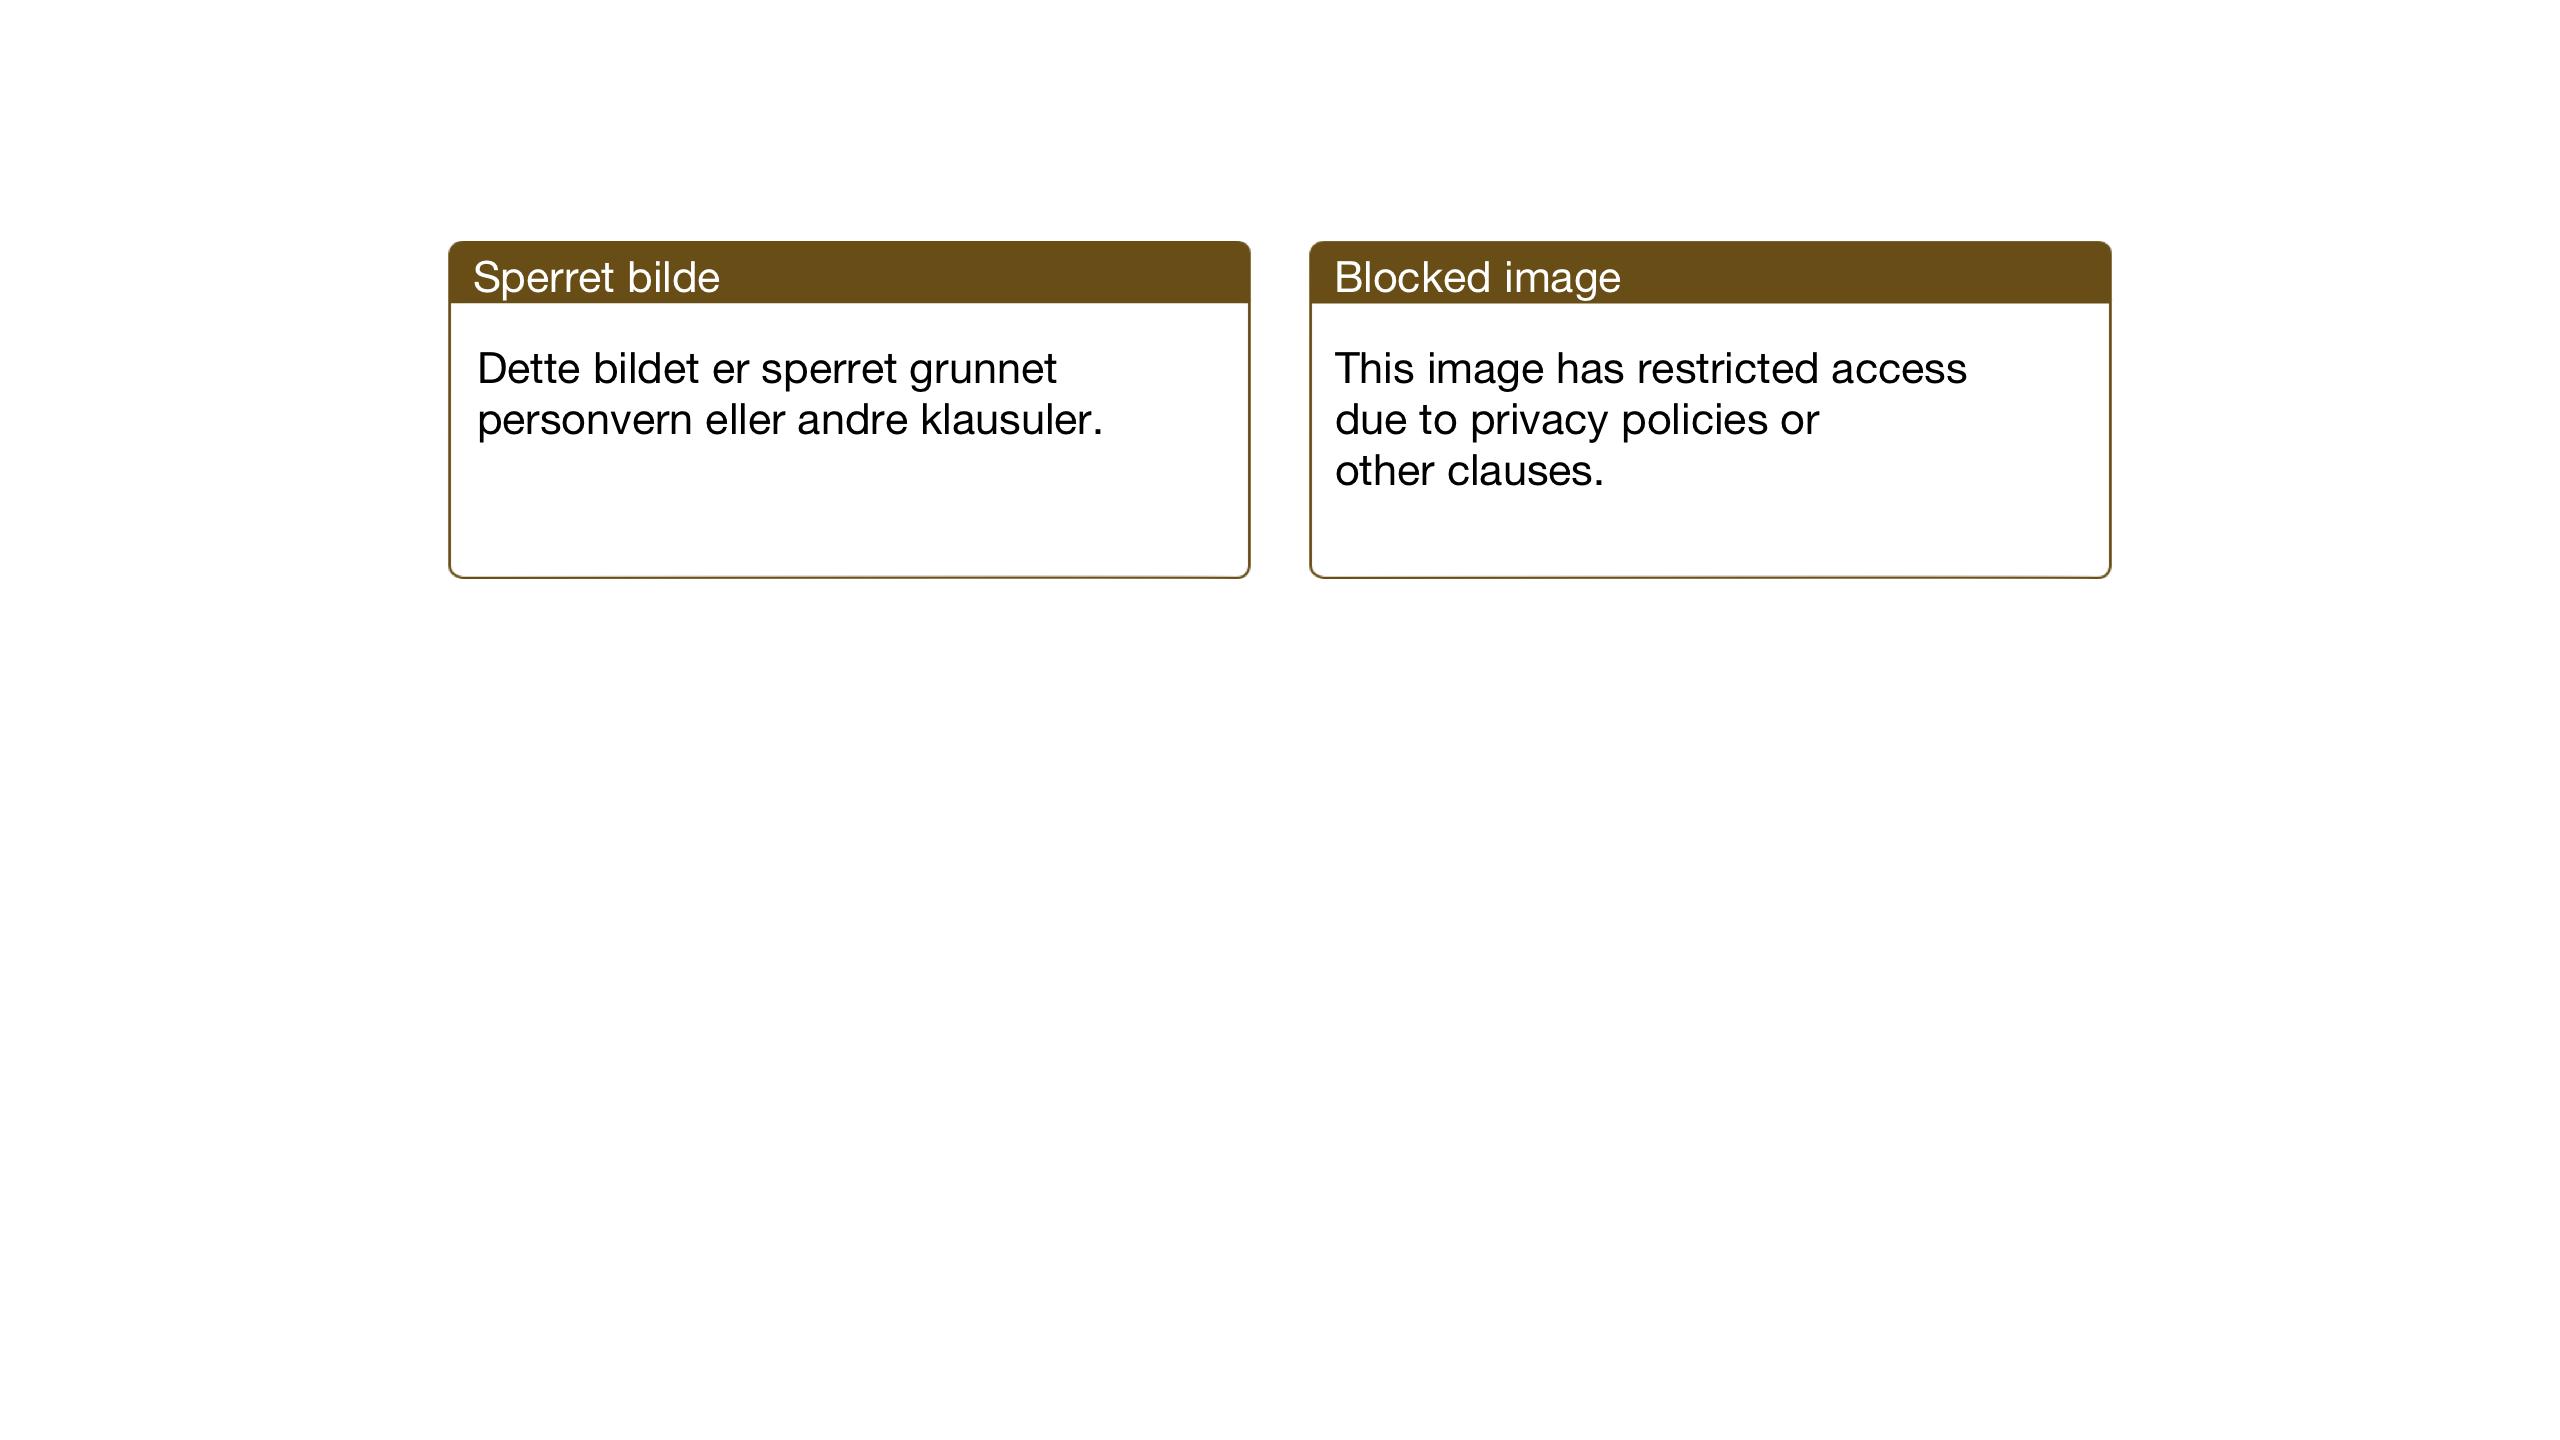 SAT, Ministerialprotokoller, klokkerbøker og fødselsregistre - Nord-Trøndelag, 733/L0328: Klokkerbok nr. 733C03, 1919-1966, s. 85